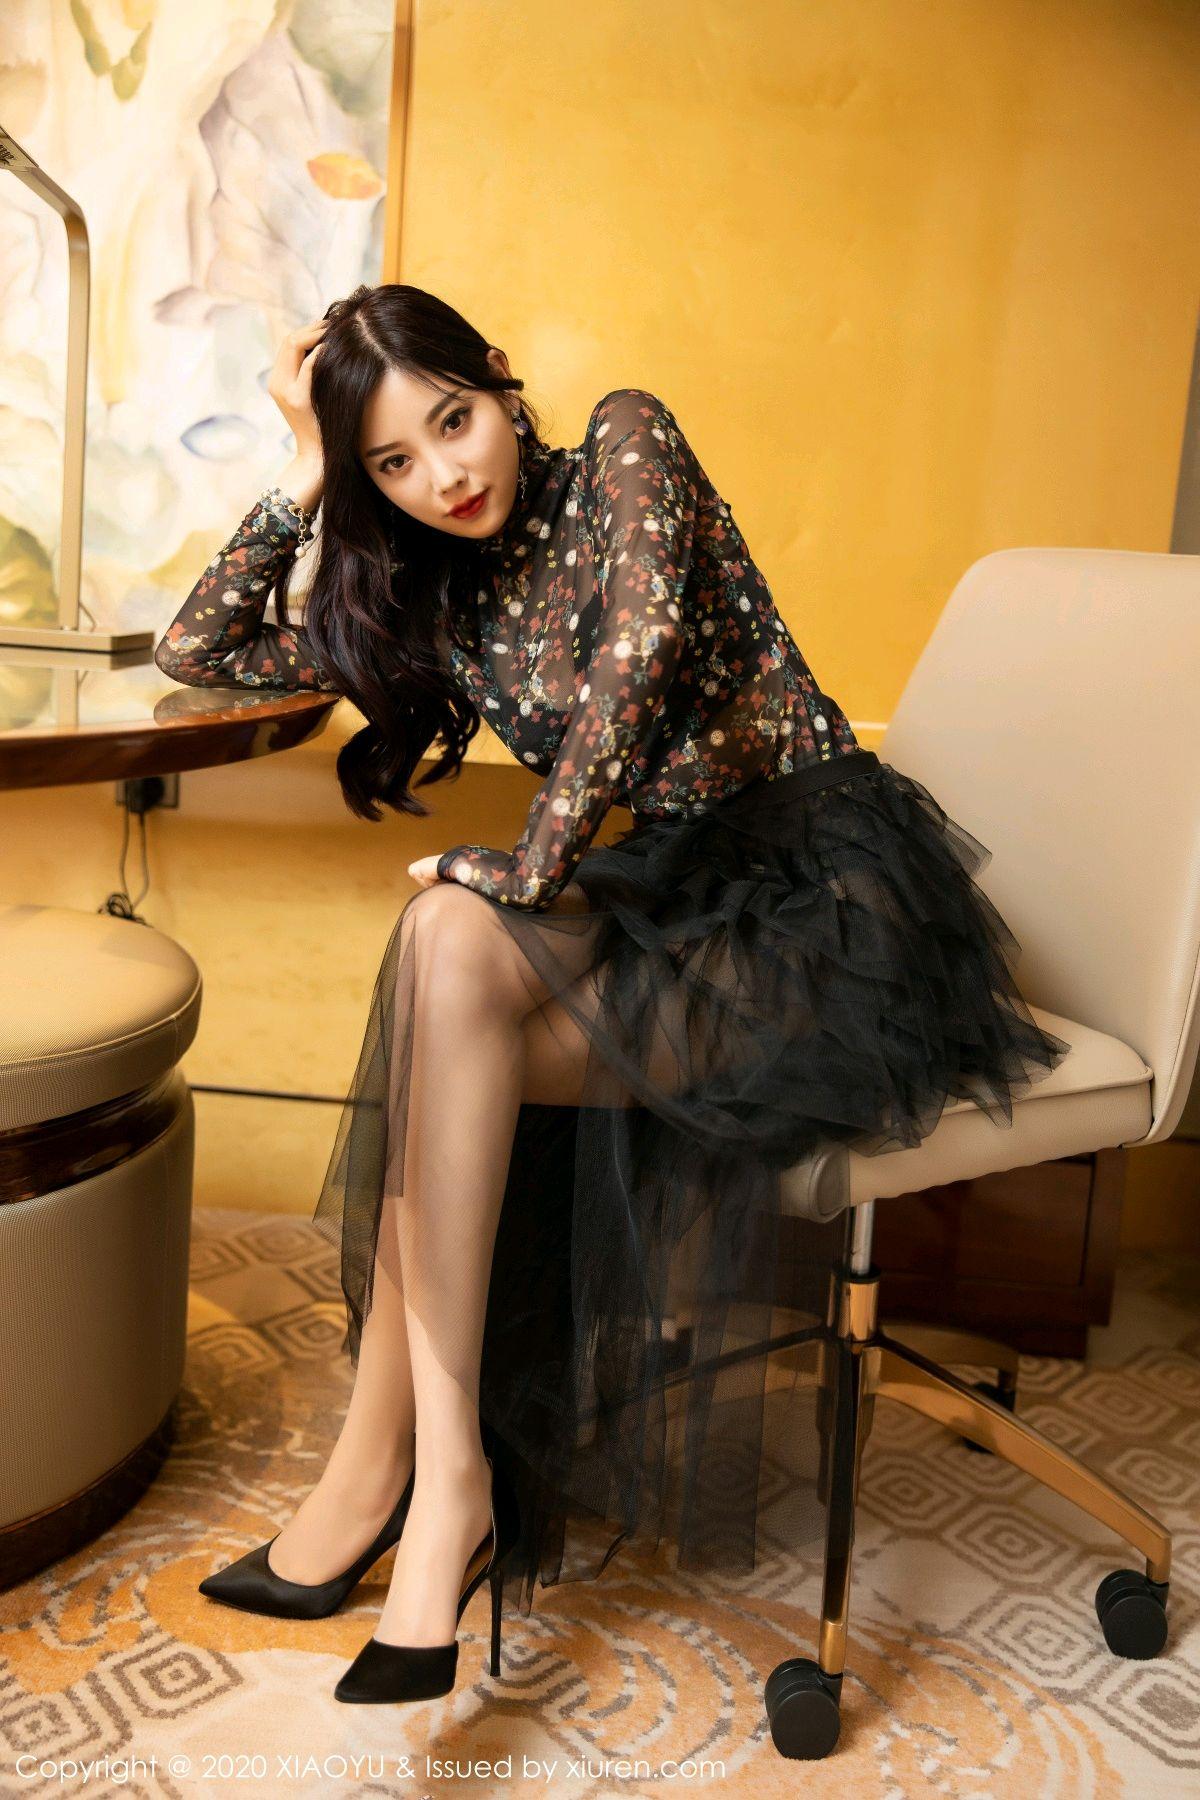 [XiaoYu] Vol.289 Yang Chen Chen 18P, Underwear, XiaoYu, Yang Chen Chen